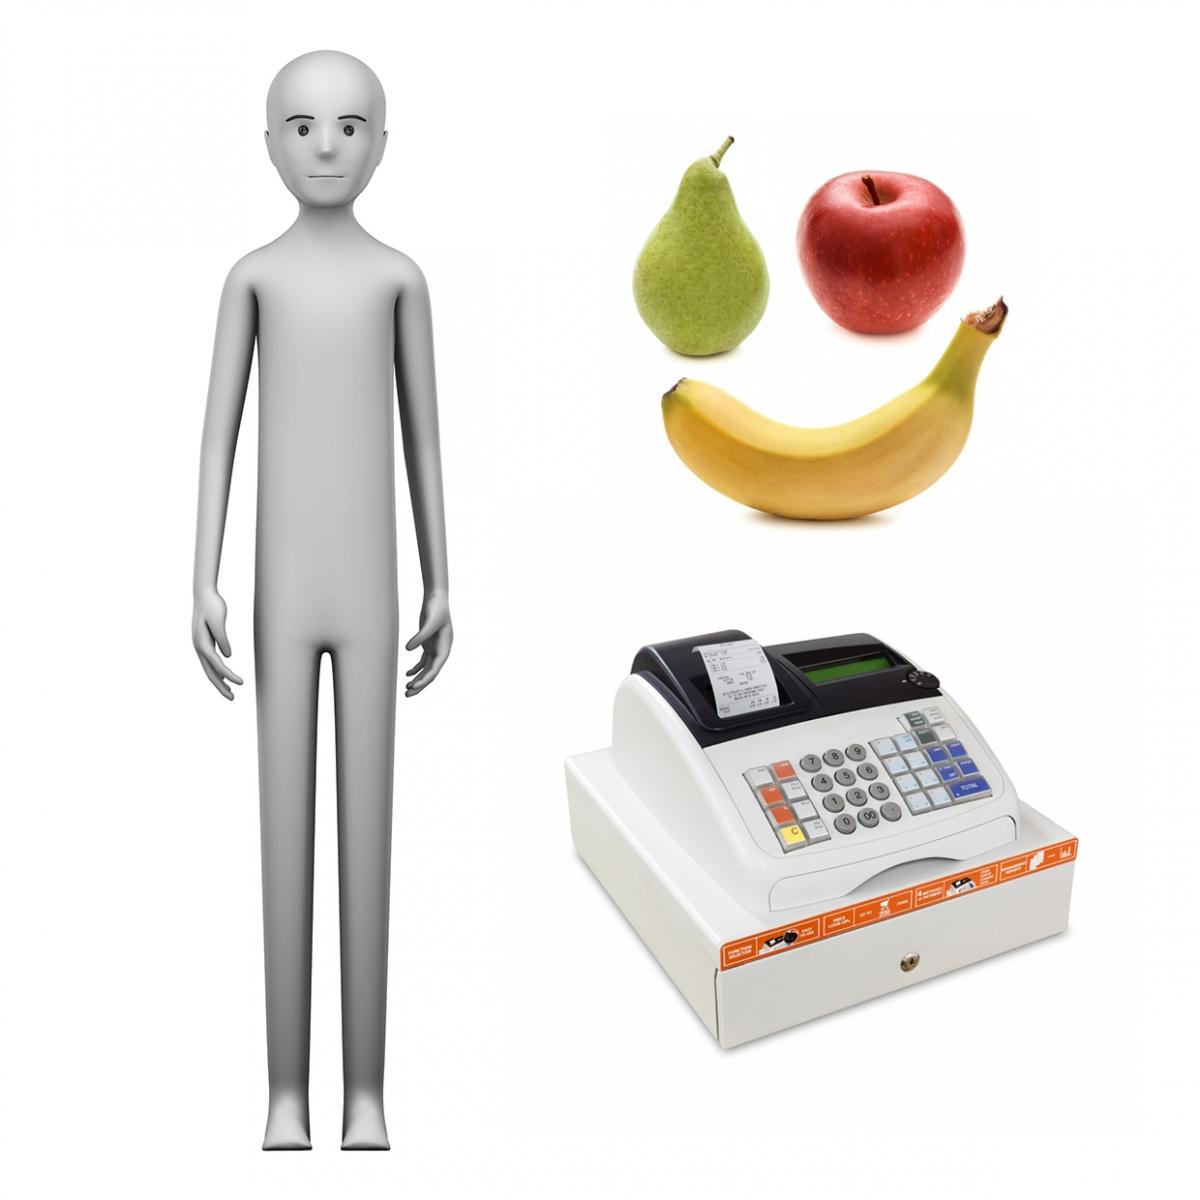 Imagen en la que se ve el concepto de frutero o frutera